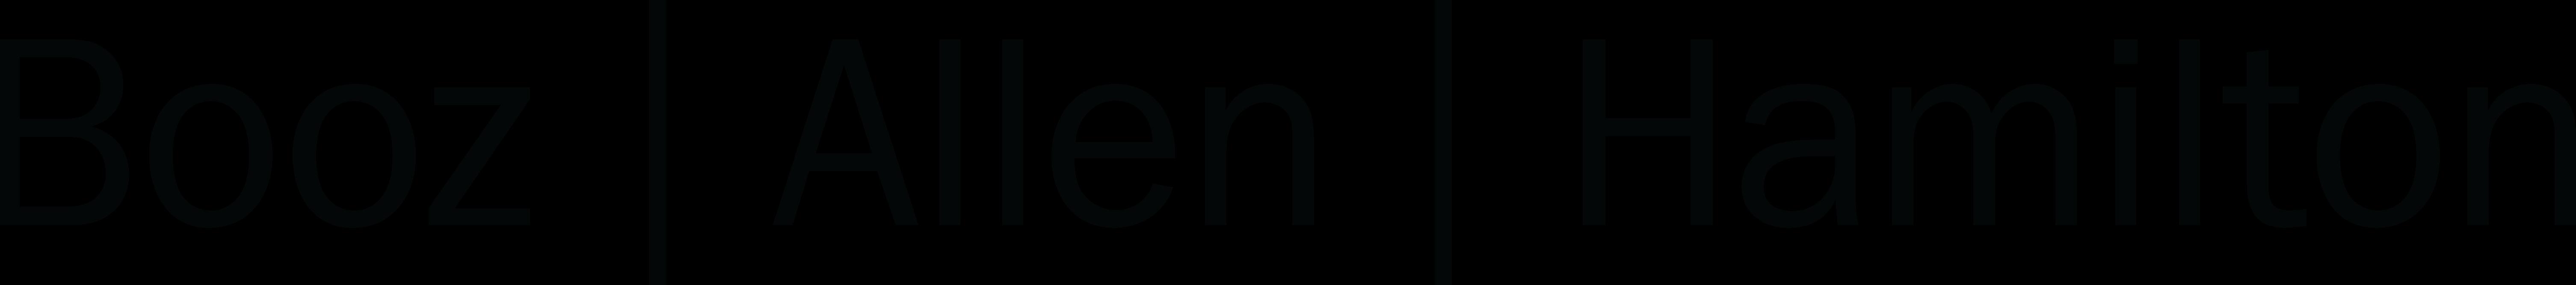 Booz Allen Hamilton logo